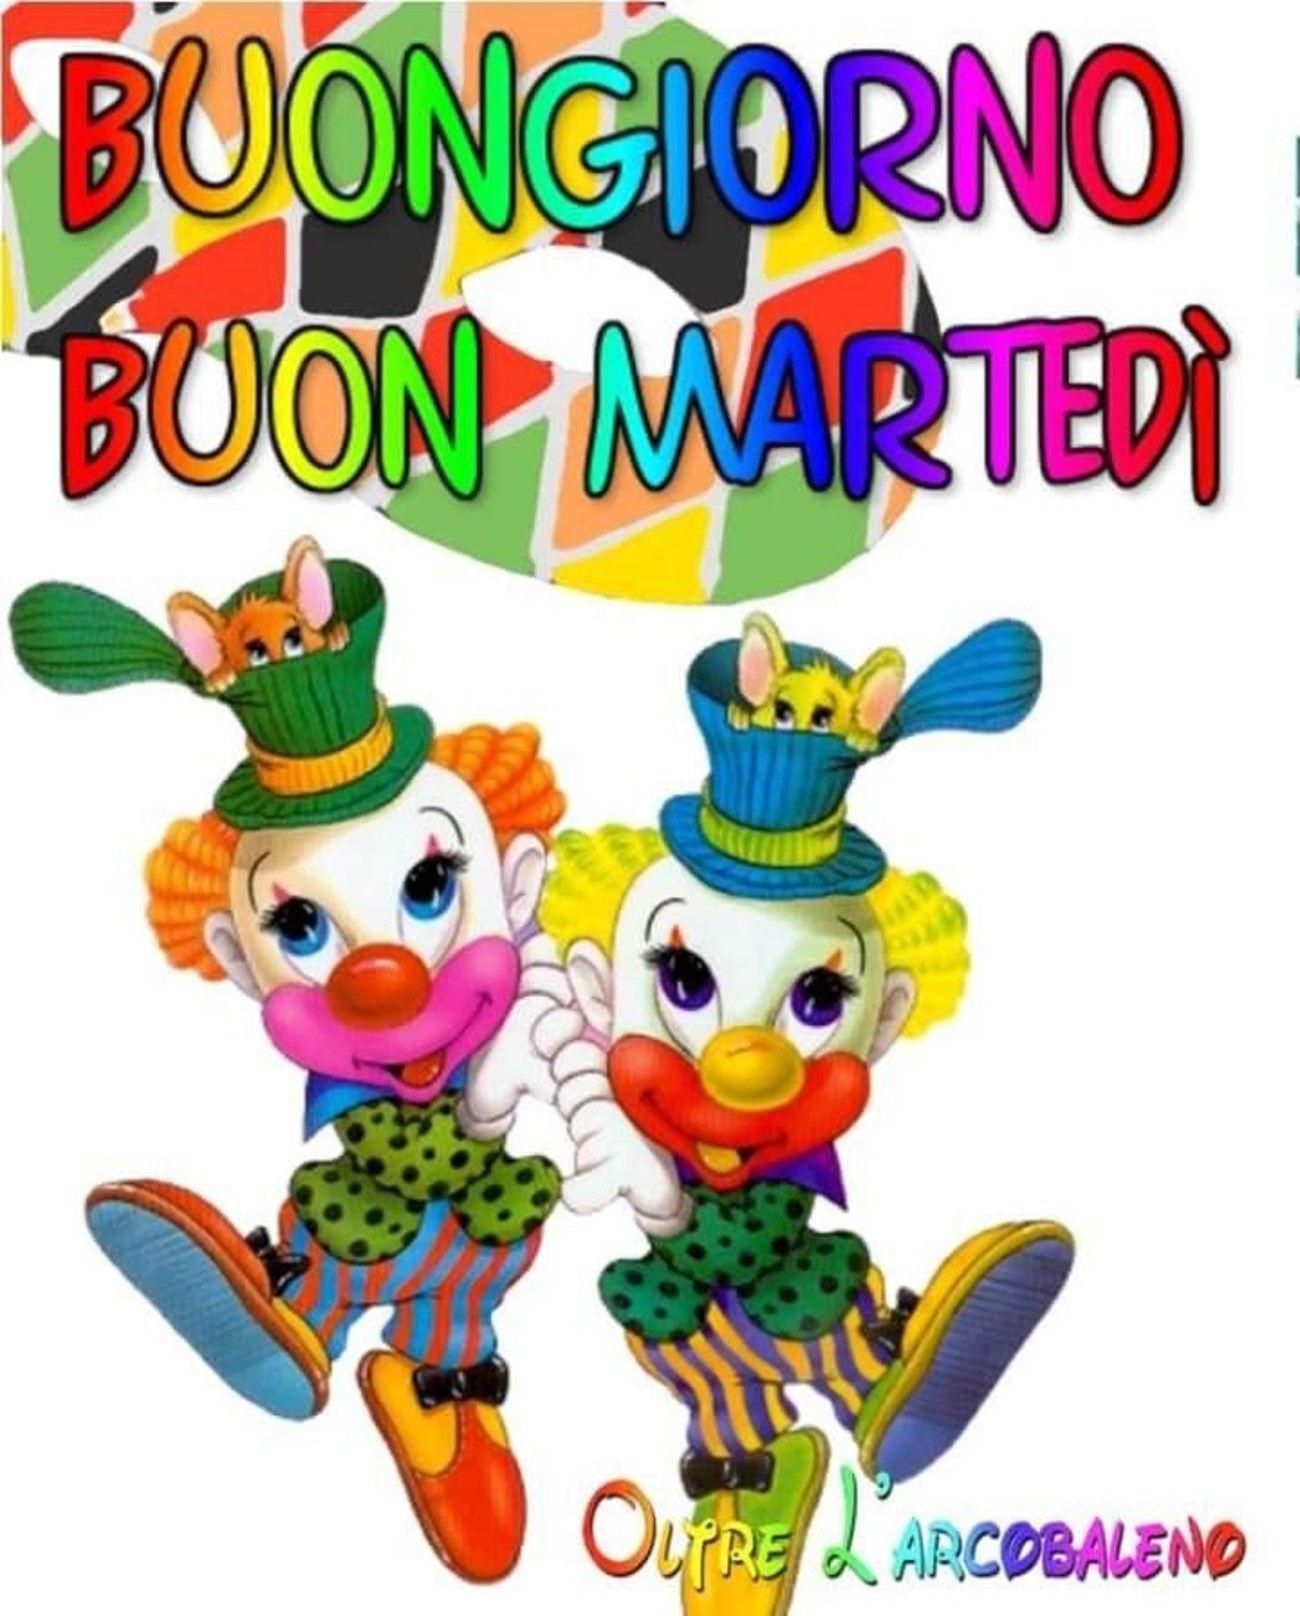 Buon Martedi A Tema Carnevale Nel 2020 Buongiorno Martedi